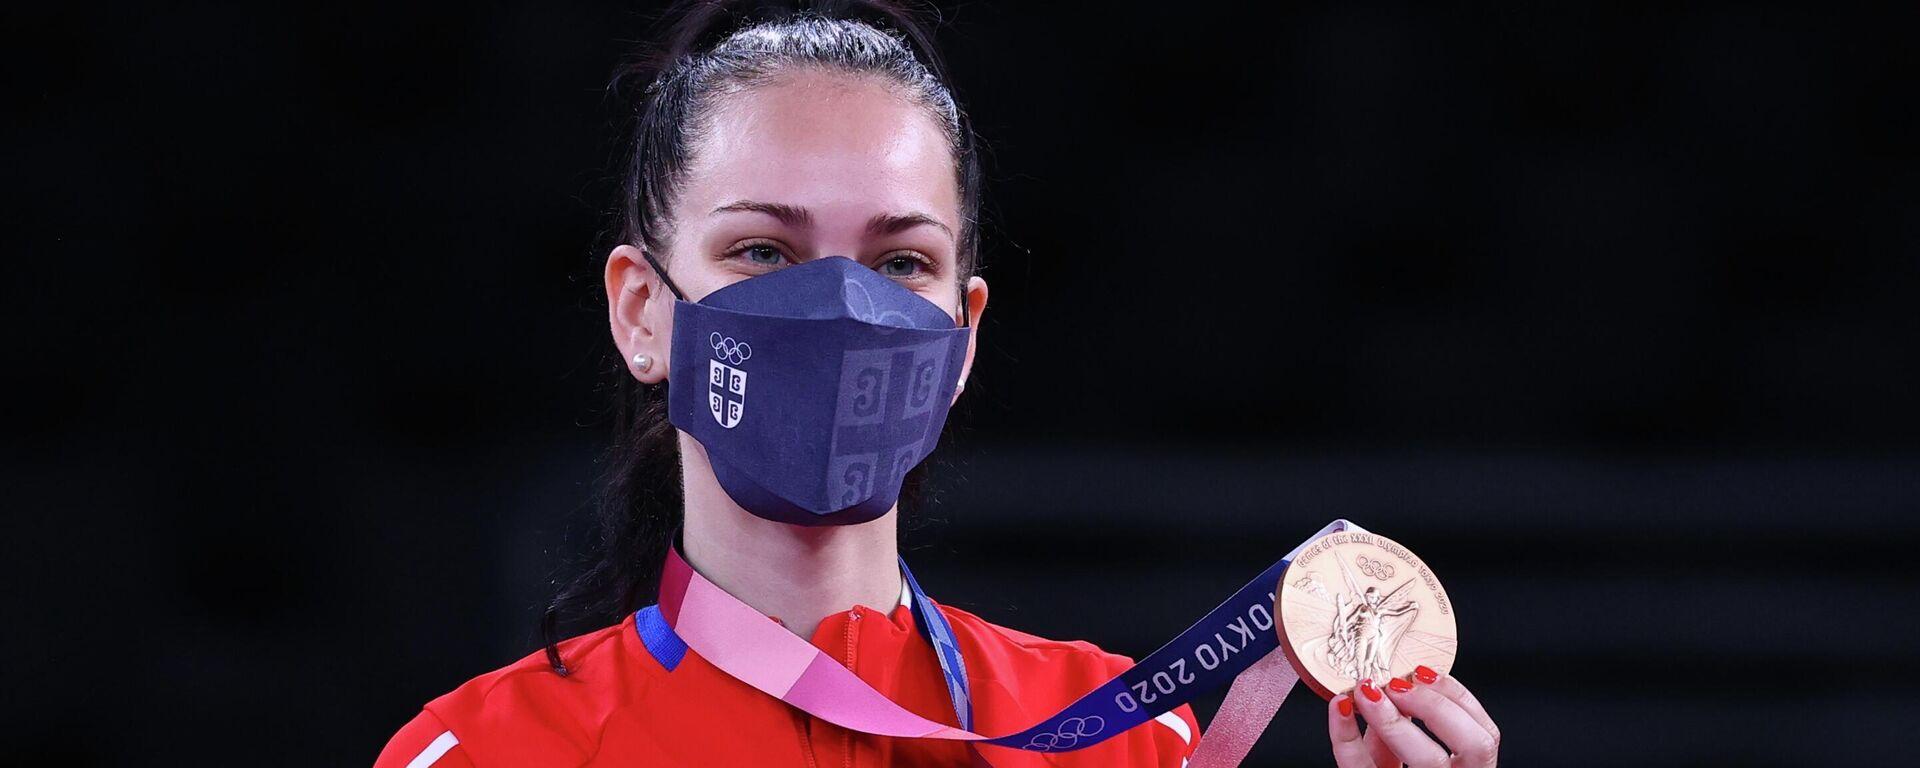 Tijana Bogdanović sa bronzanom medaljom na Olimpijskim igrama u Tokiju - Sputnik Srbija, 1920, 24.07.2021